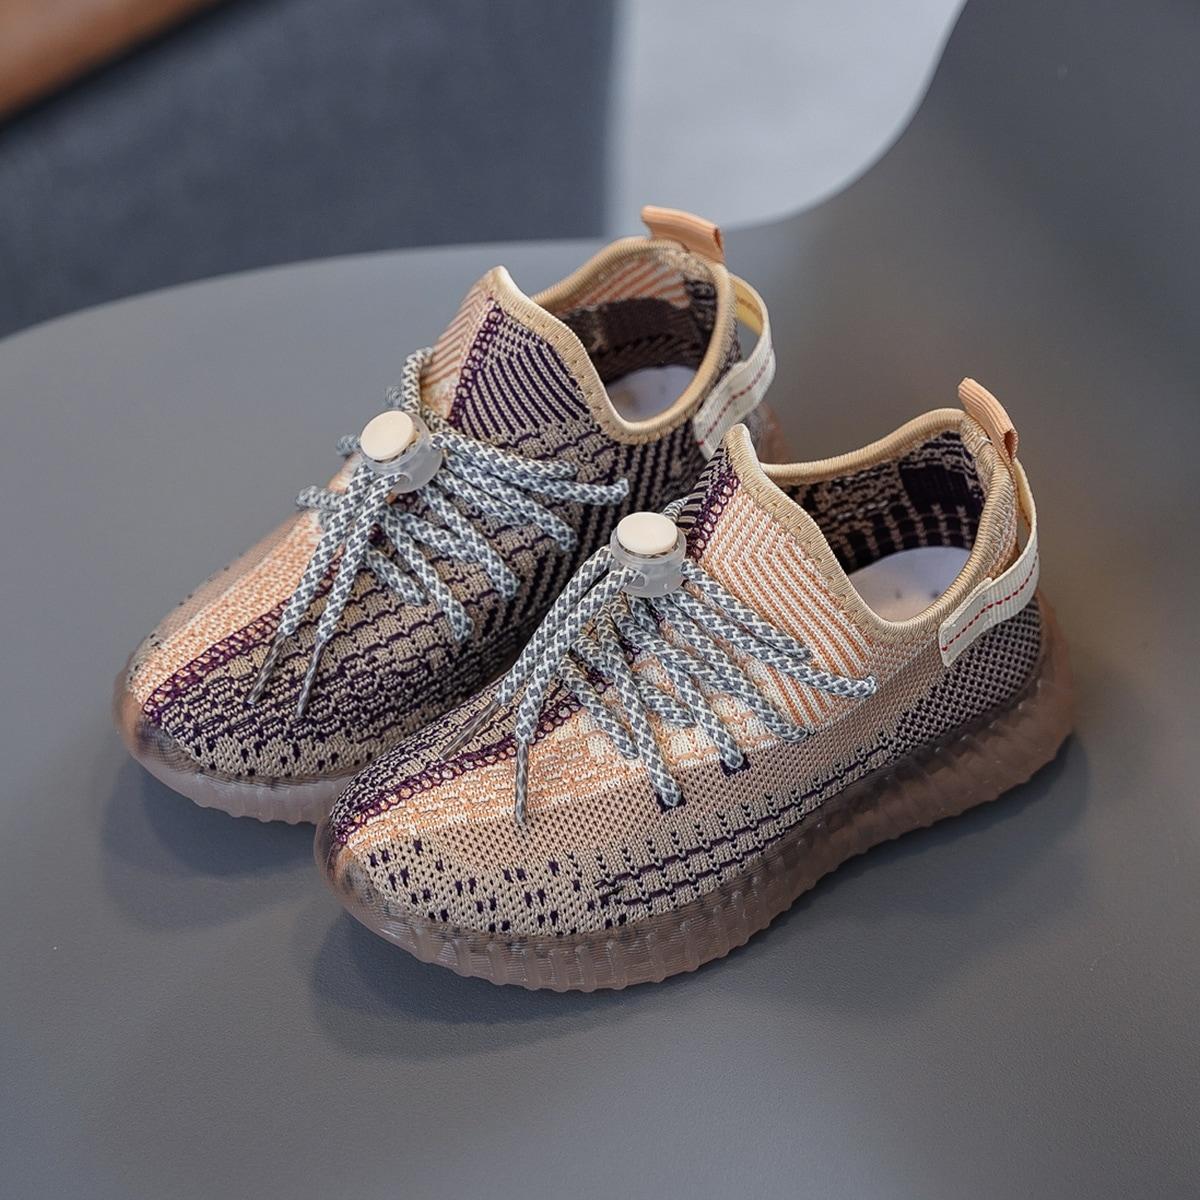 Беговая обувь для мальчиков на шнурке от SHEIN